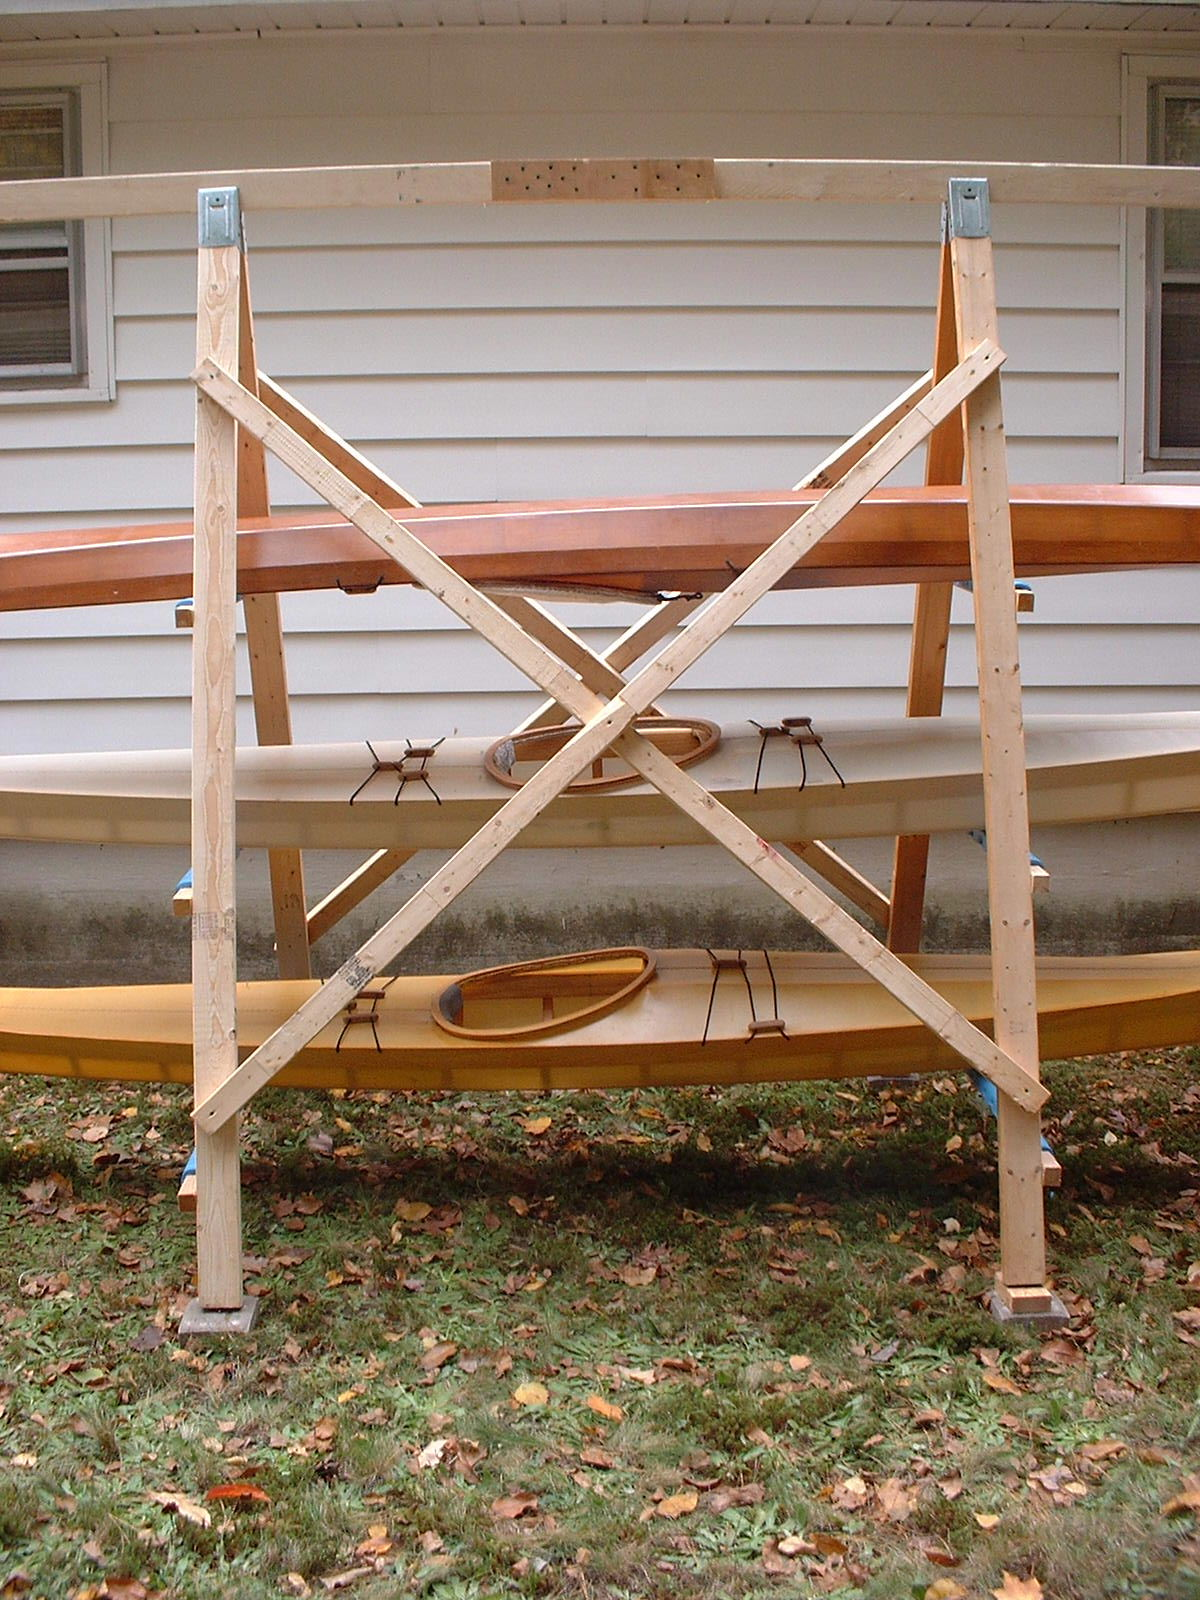 A Closeup View Of The Construction An Frame Kayak Rack